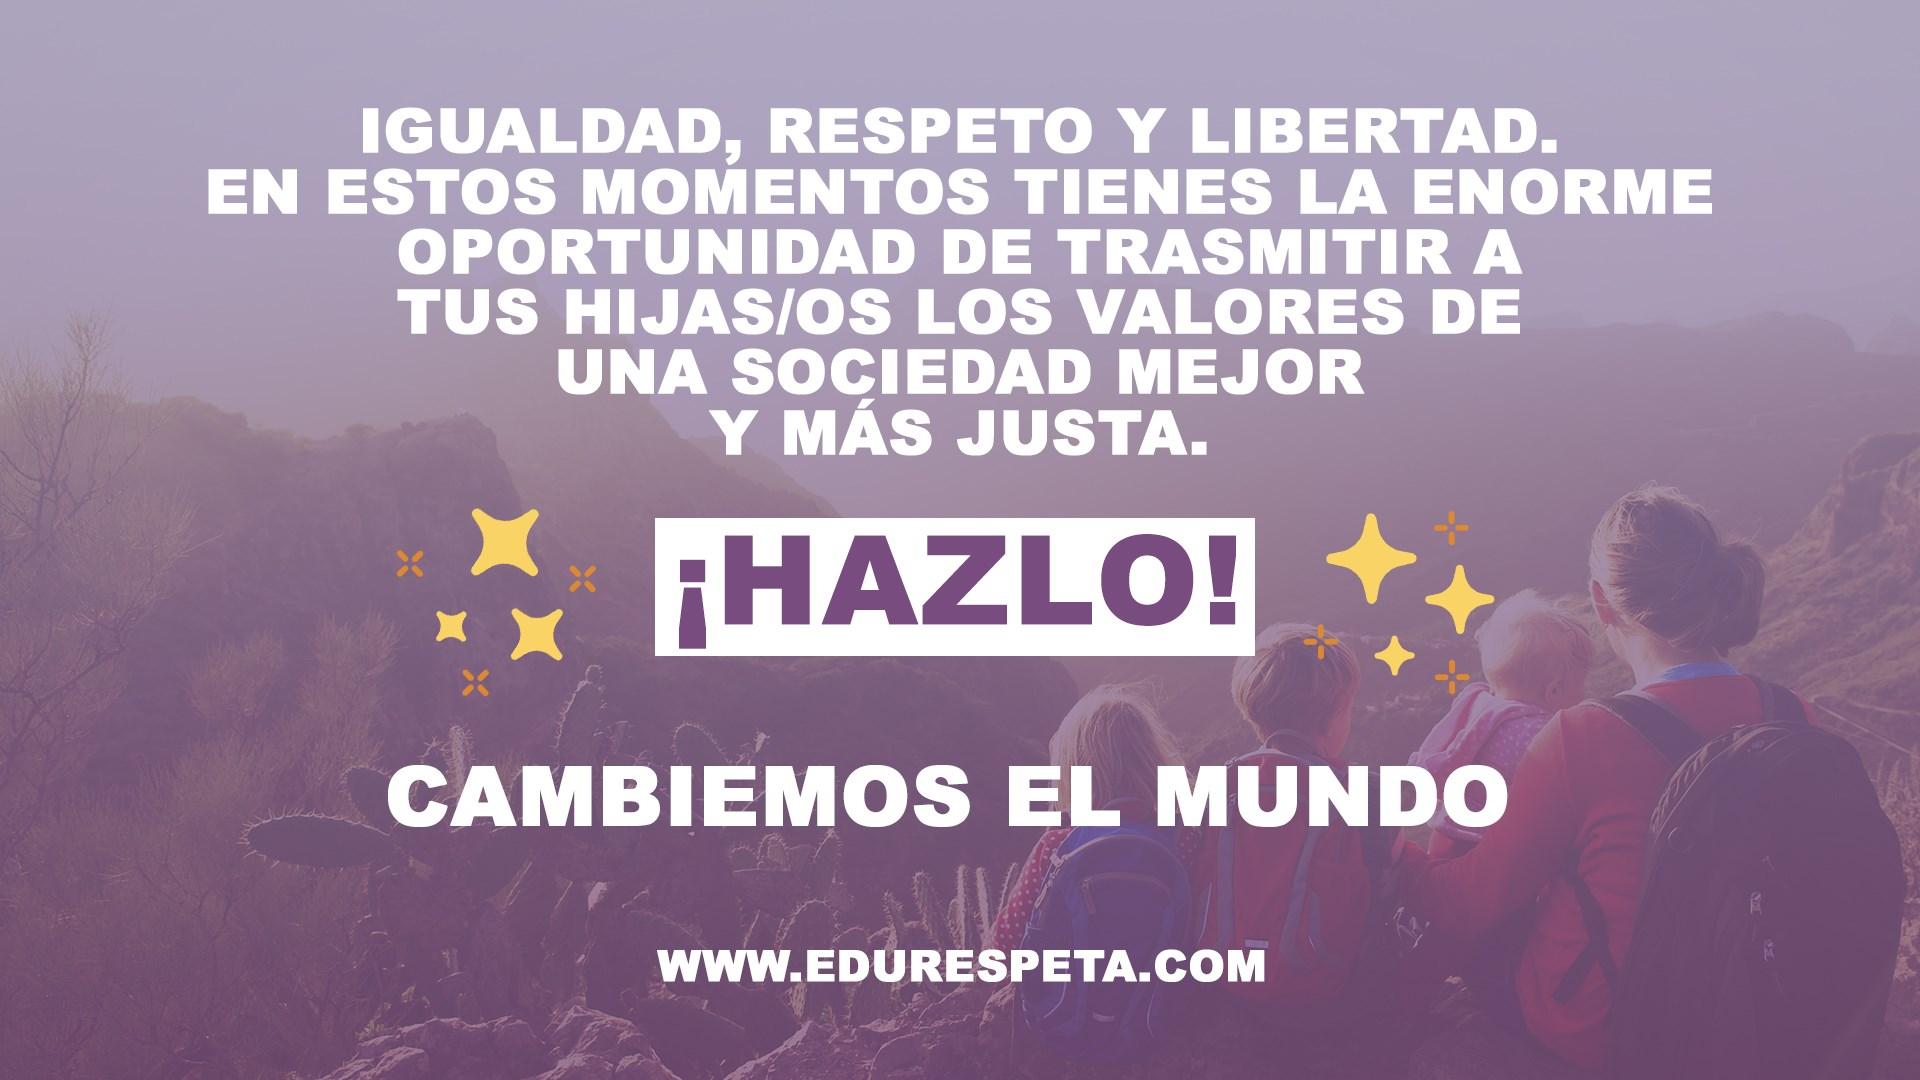 Igualdad, respeto y libertad. En estos momentos tienes la enorme oportunidad de trasmitir a tus hijas/os